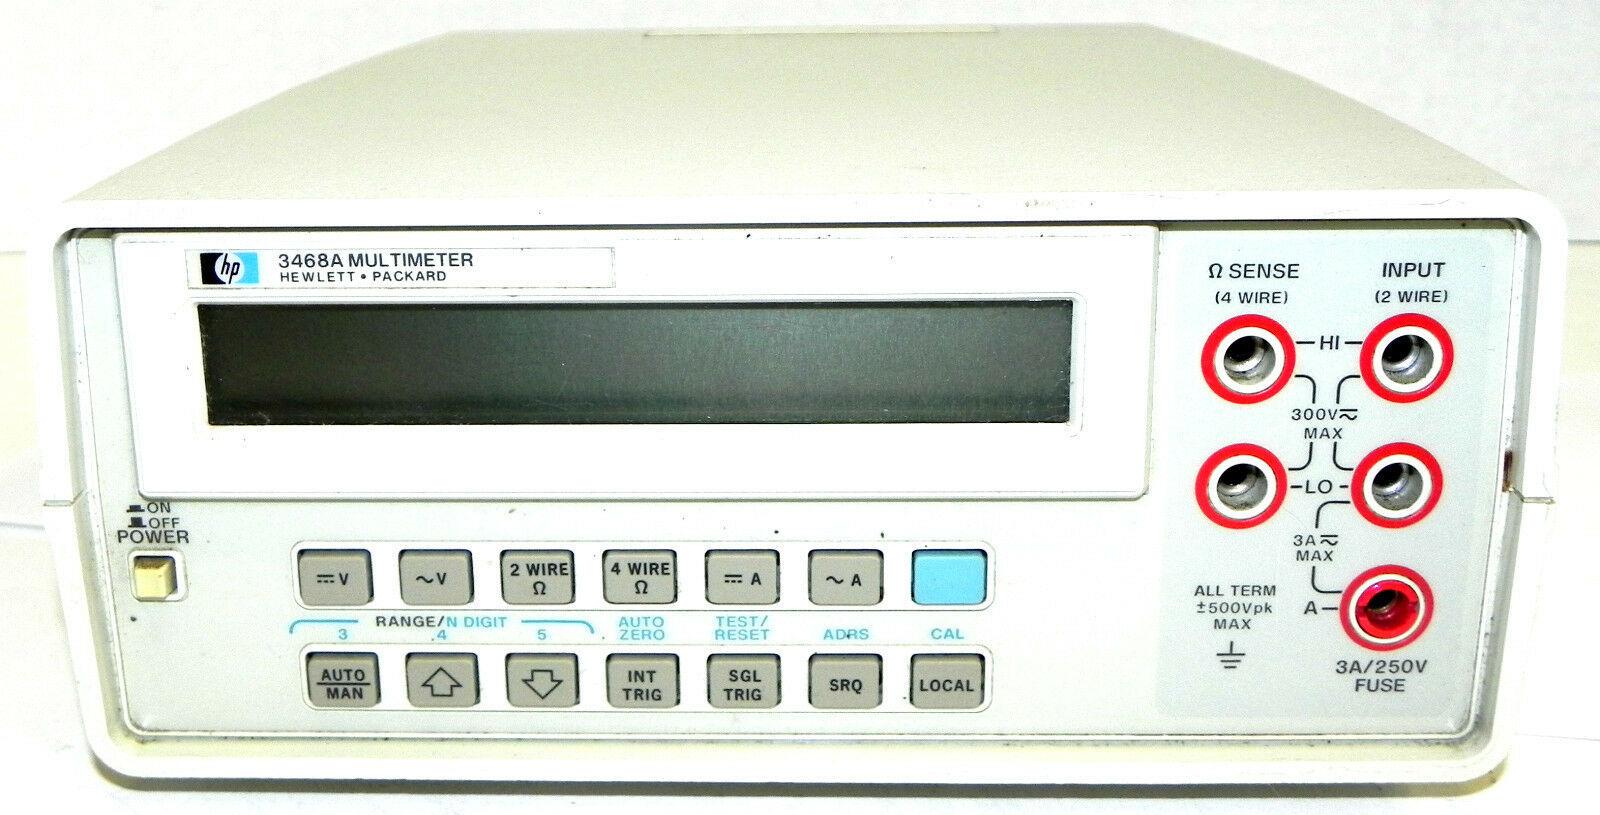 HP HEWLETT-PACKARD 3468A MULTI METER